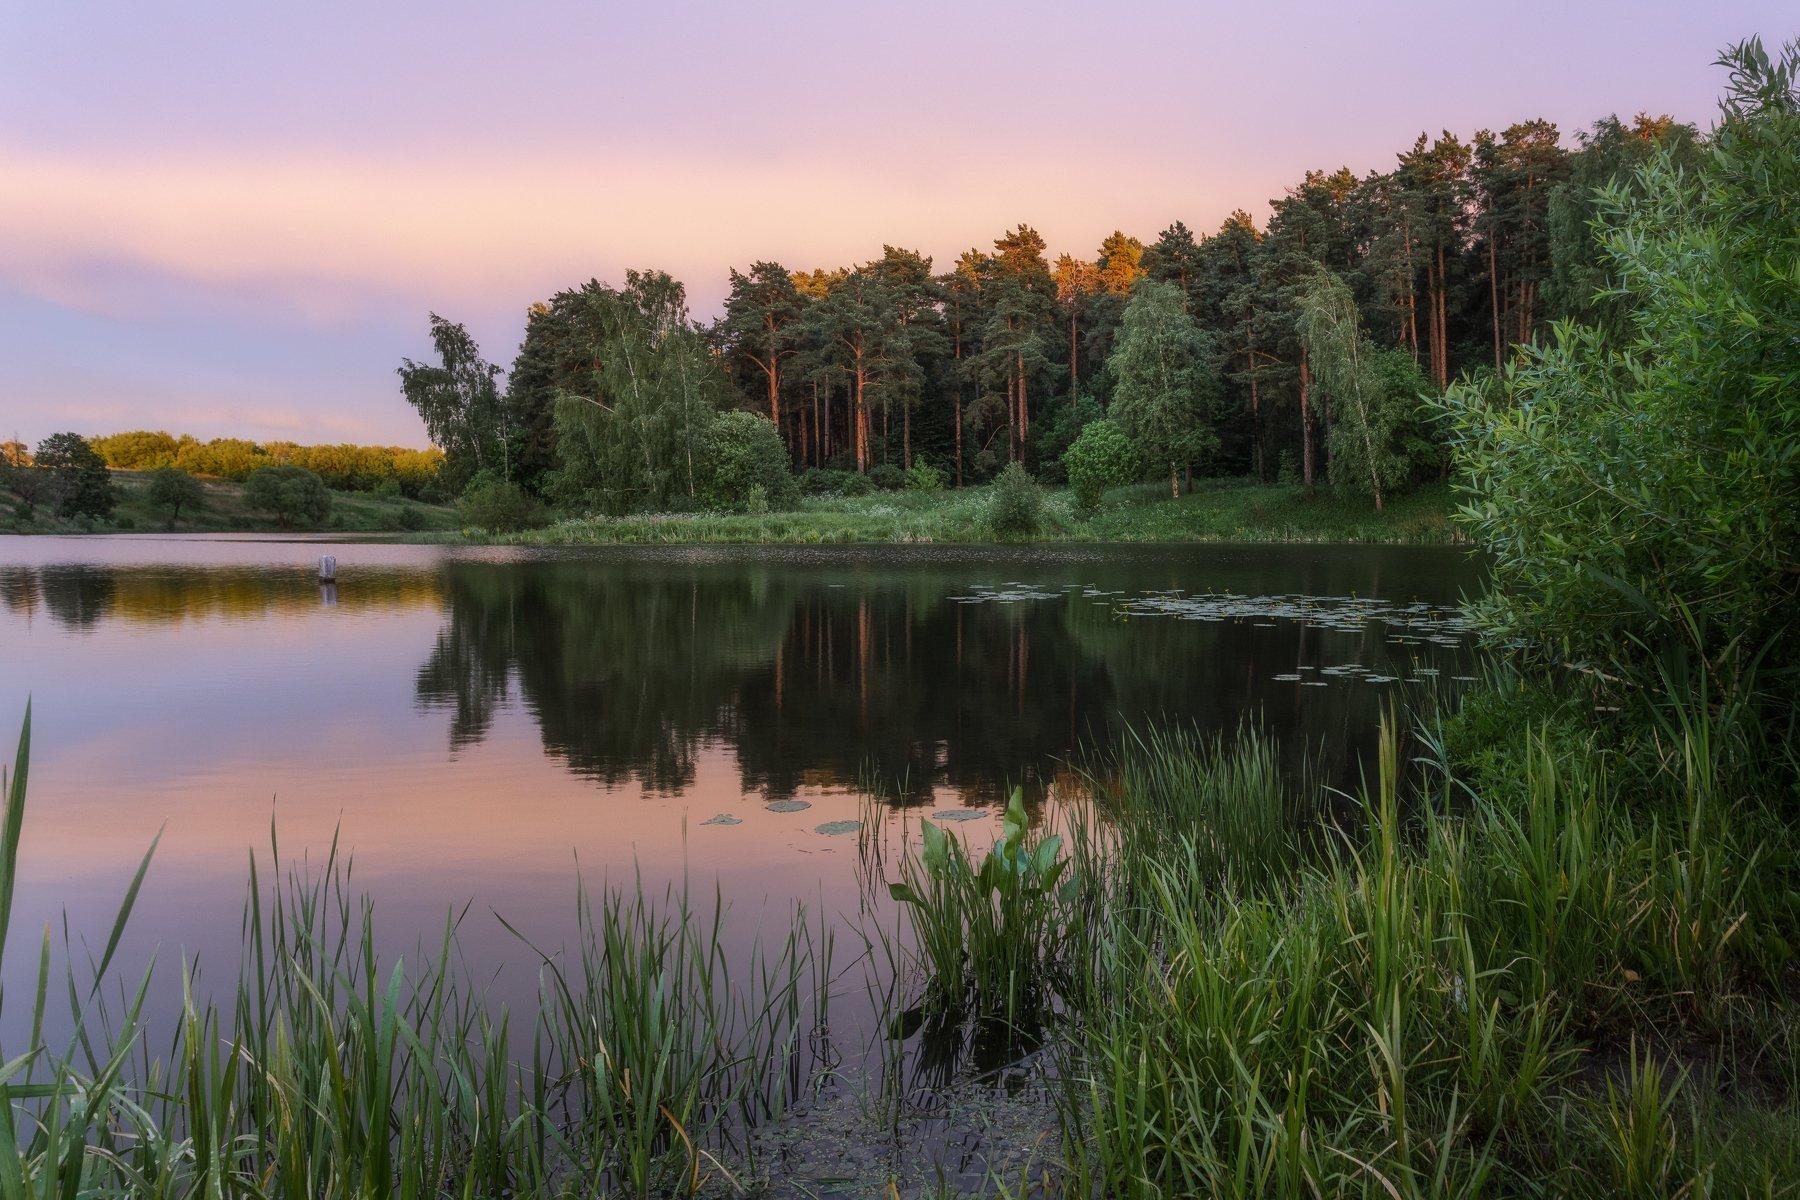 пейзаж, природа, закат, лето, вода, landscape, Мартыненко Дмитрий